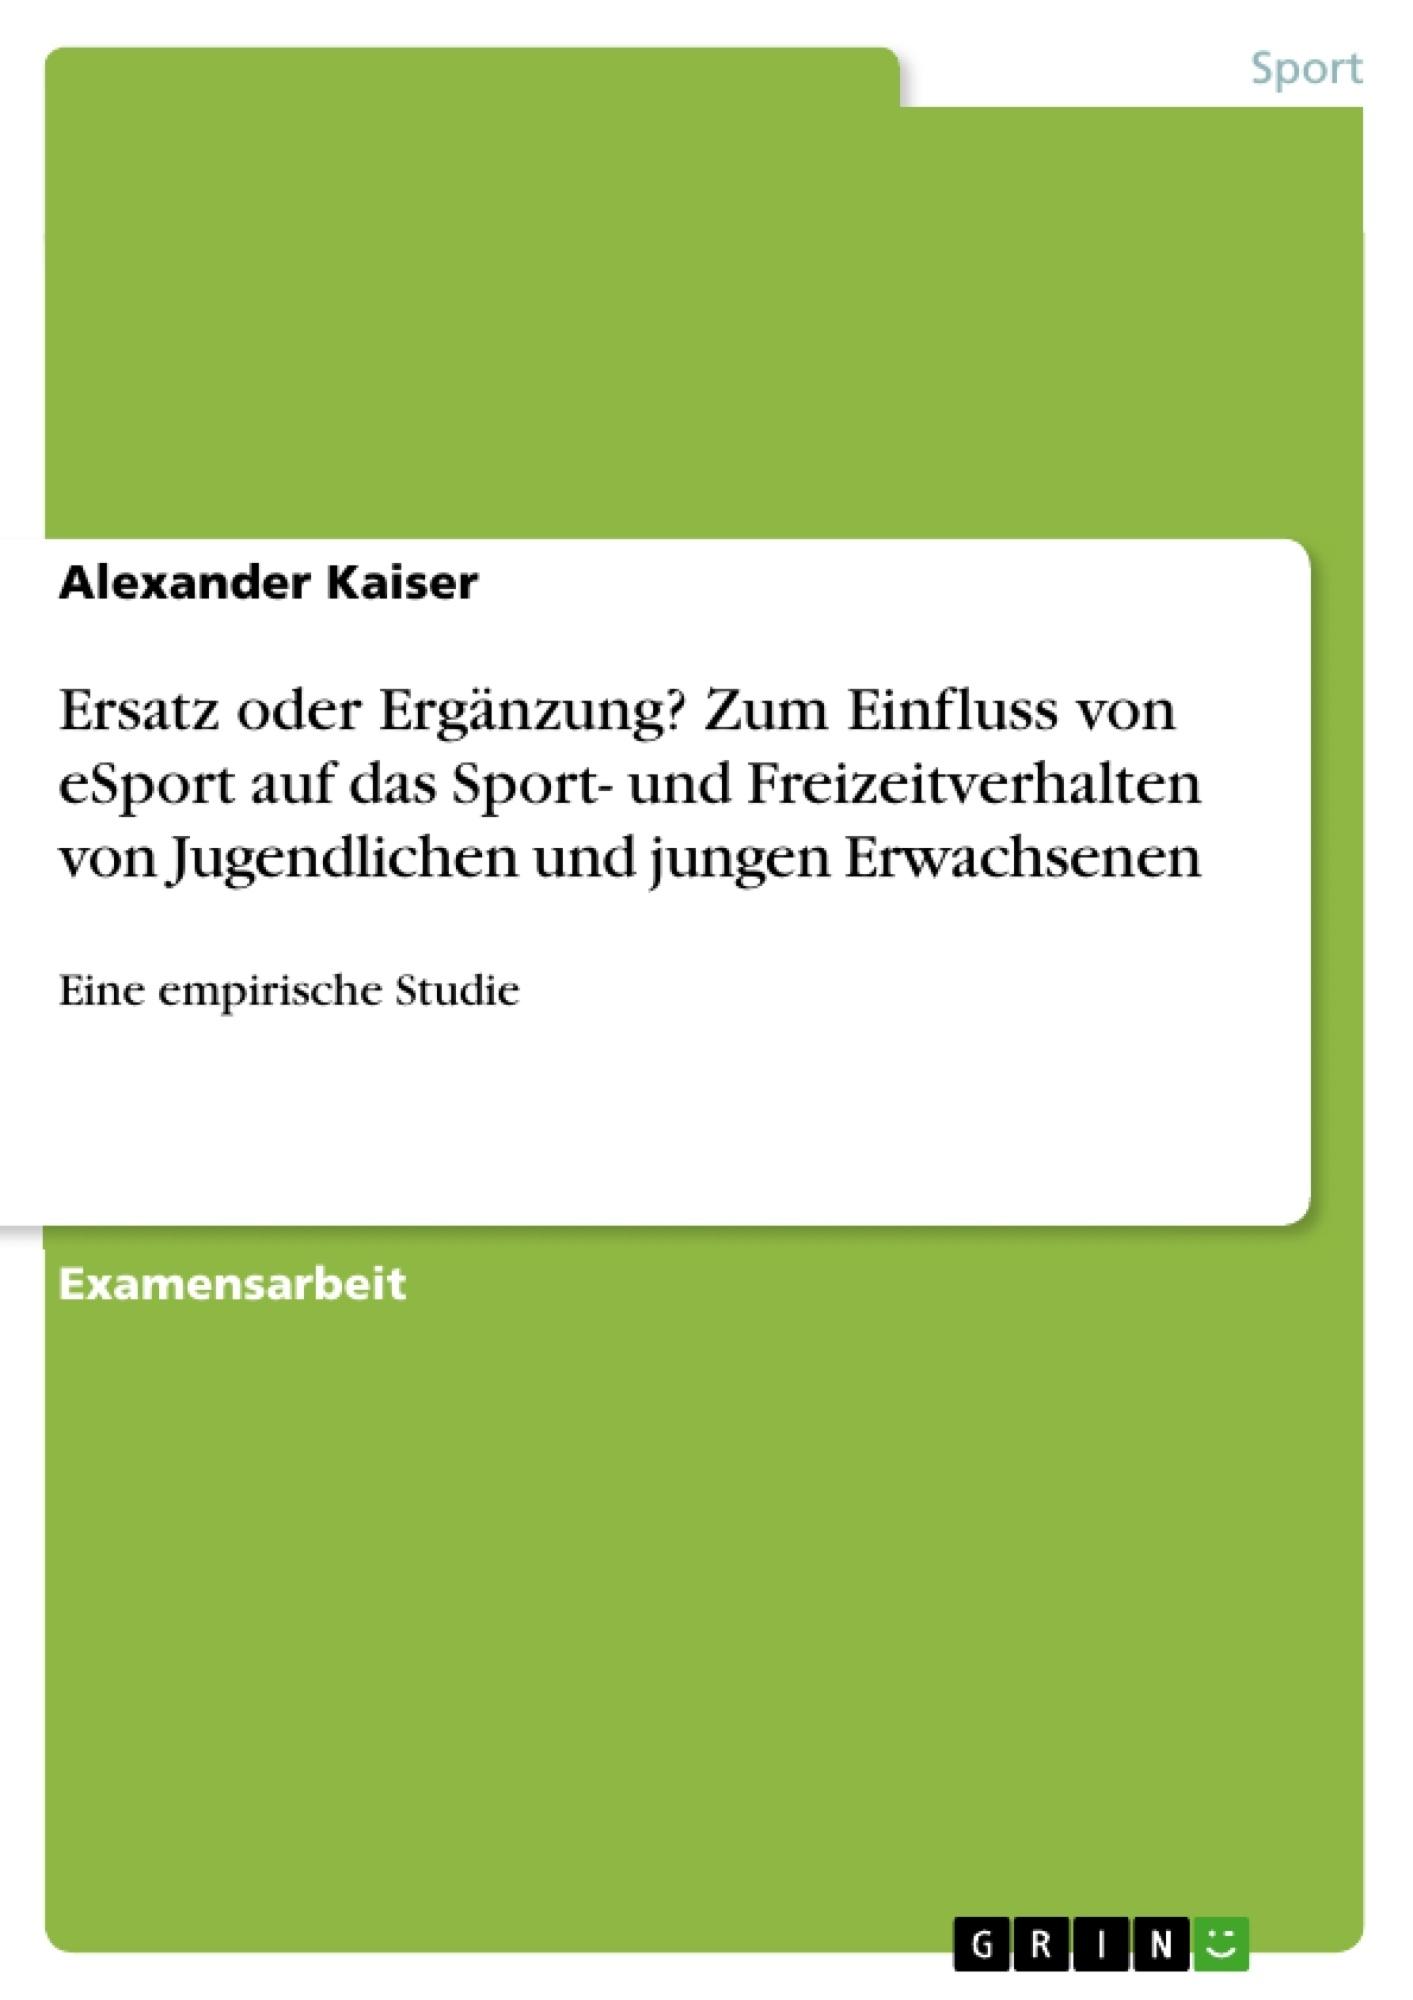 Ersatz oder Ergänzung? Zum Einfluss von eSport auf das Sport- und ...